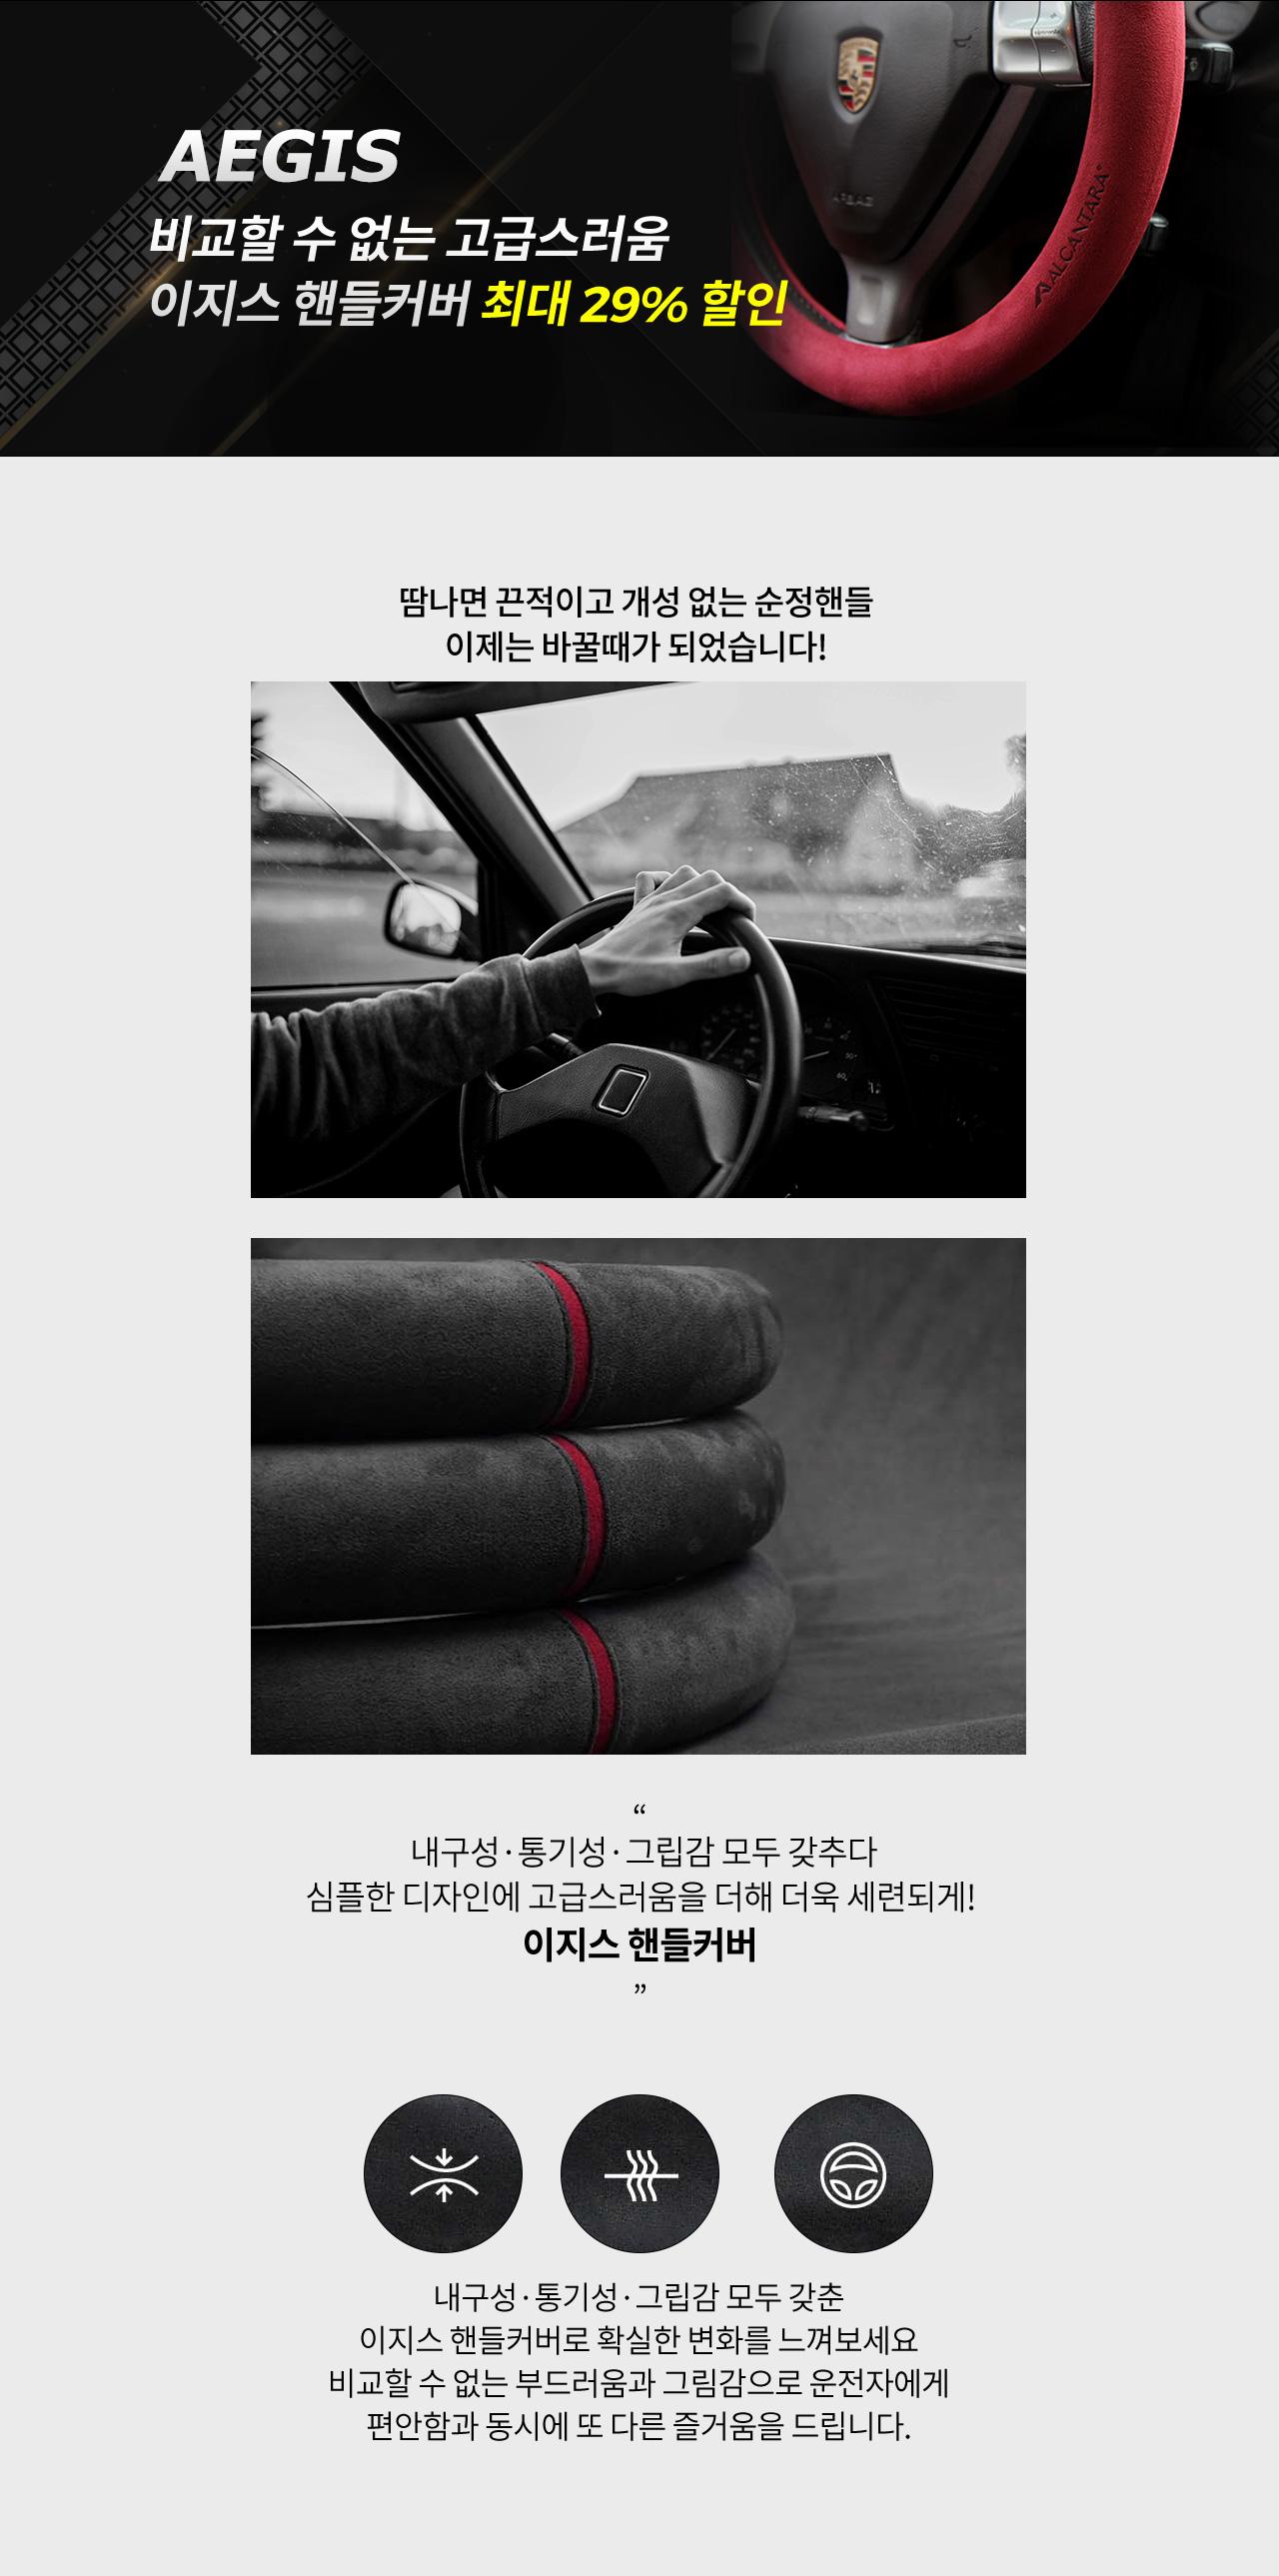 [입점사]핸들커버 특가